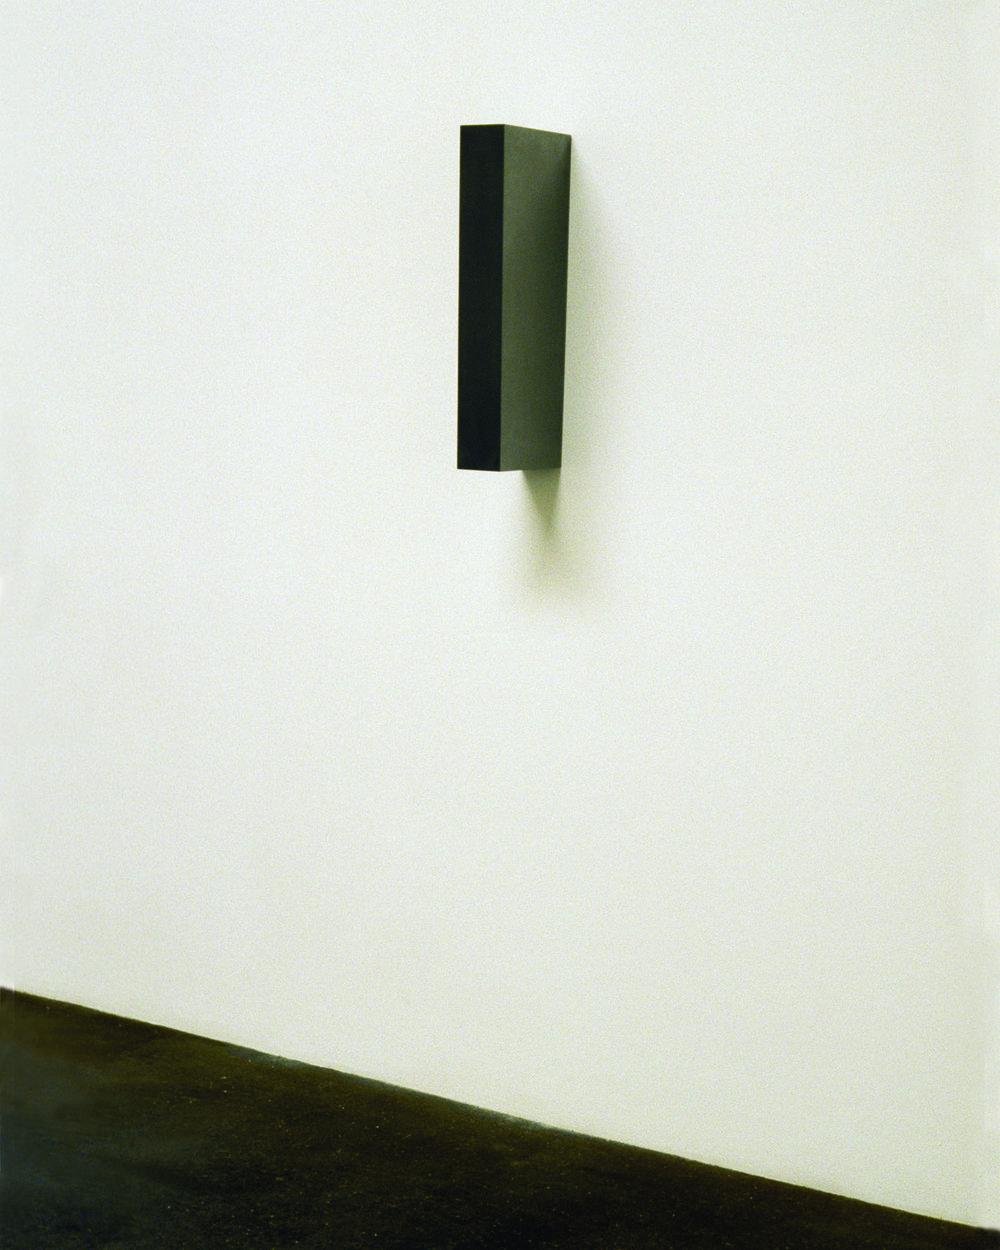 Untitled (Asymmetrical Form no. 4), 2007